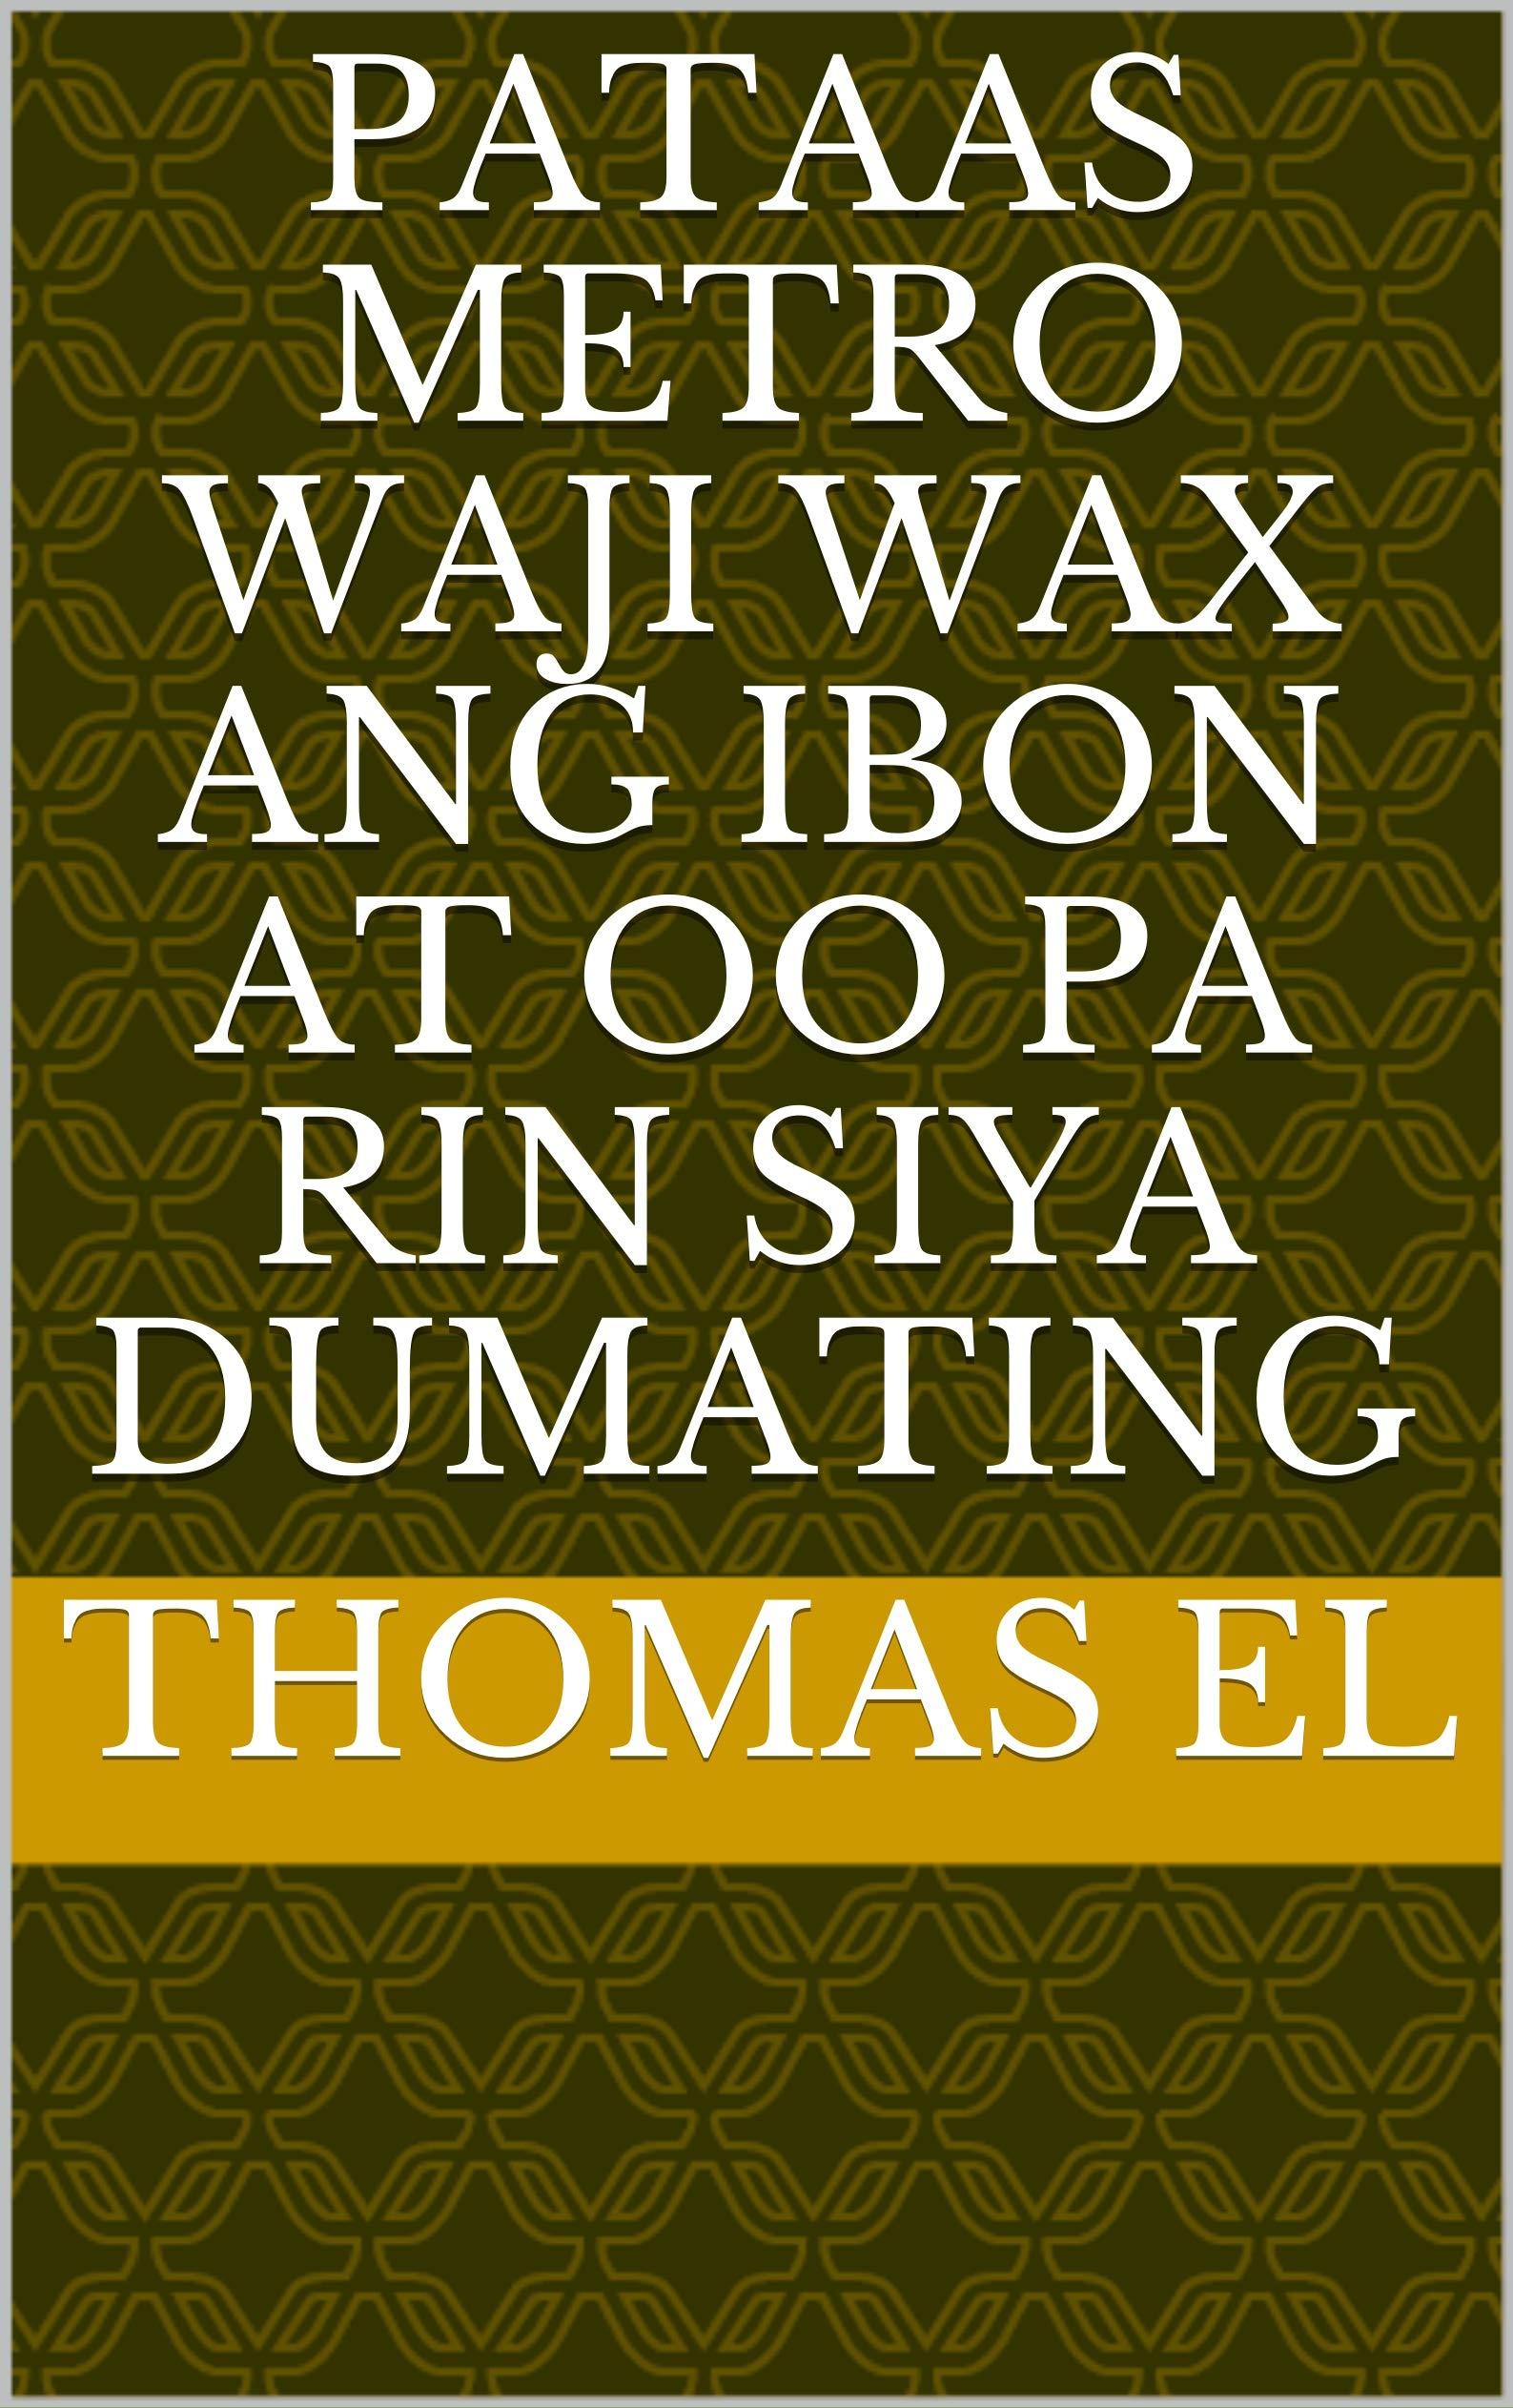 pataas metro waji wax ang ibon at oo pa rin Siya dumating (Italian Edition)